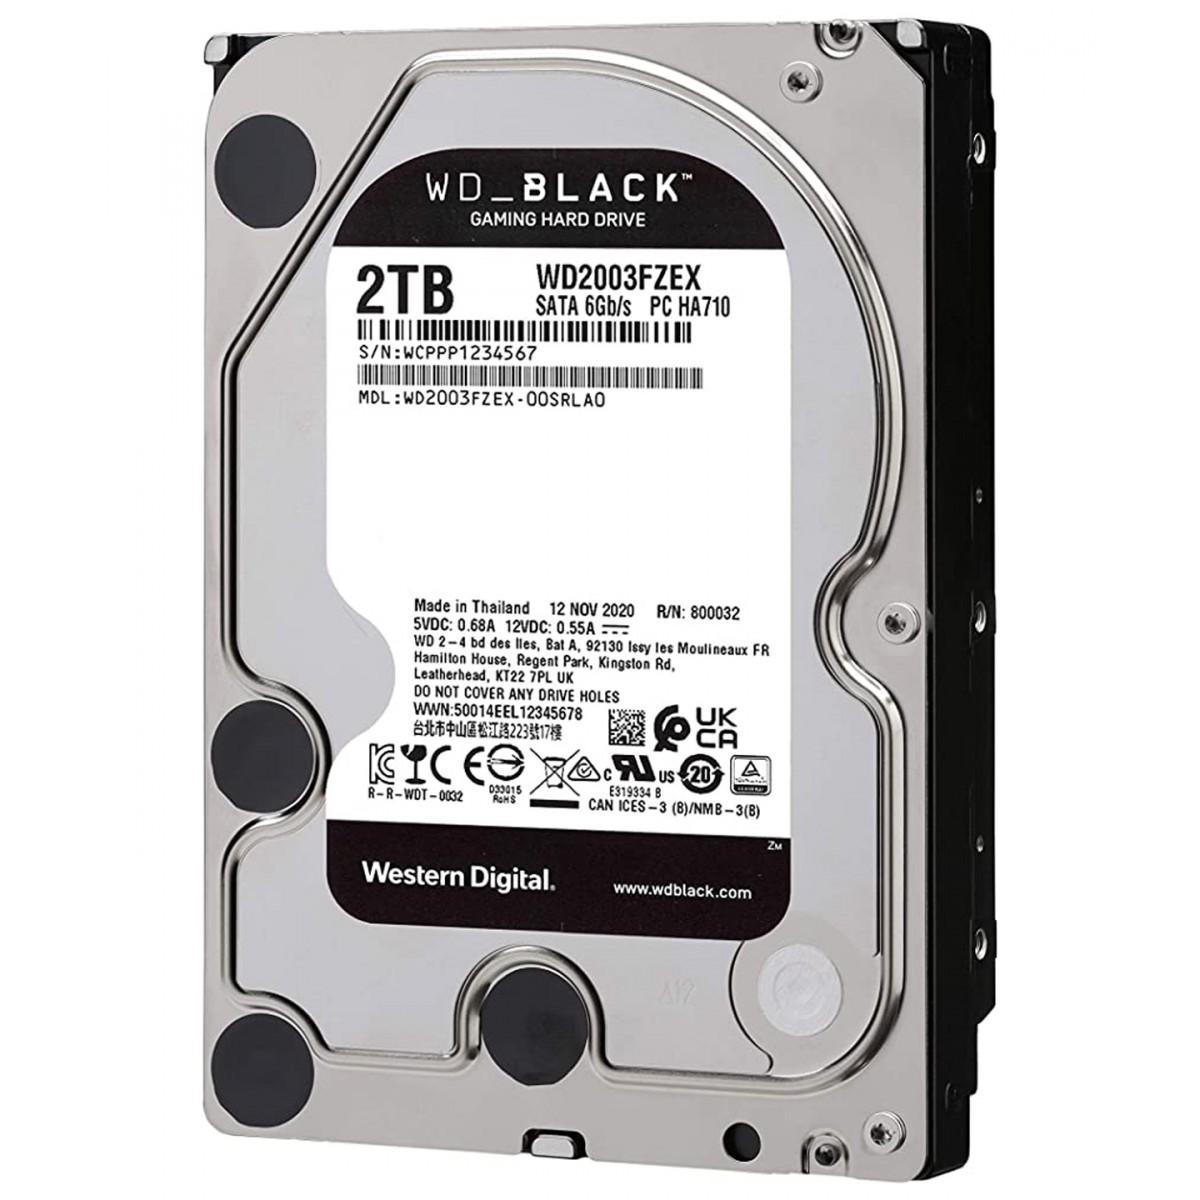 HD Western Digital Black Performance, 2TB, Sata III, 7200RPM, 64MB, WD2003FZEX